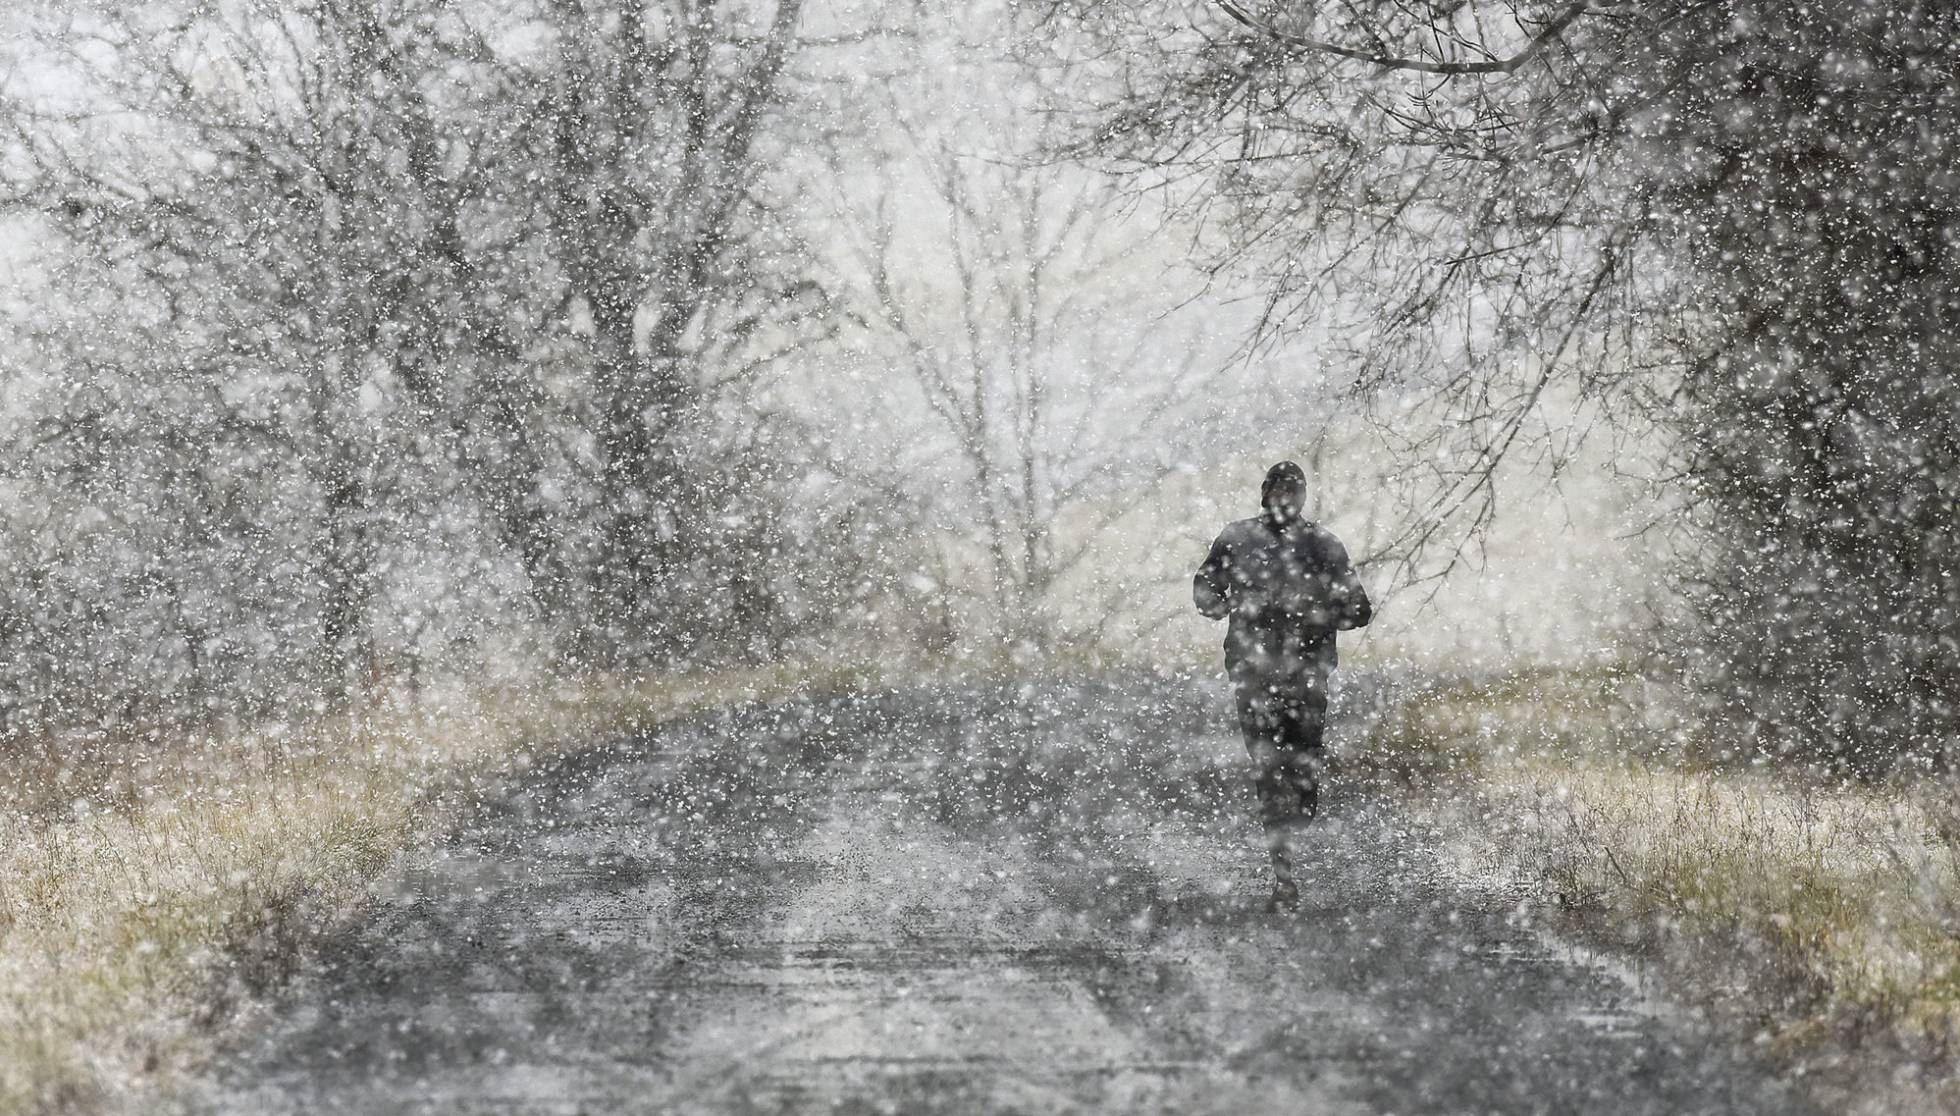 Un hombre corre durante una intensa nevada en la Universidad de Emory, en Atlanta (EE UU).